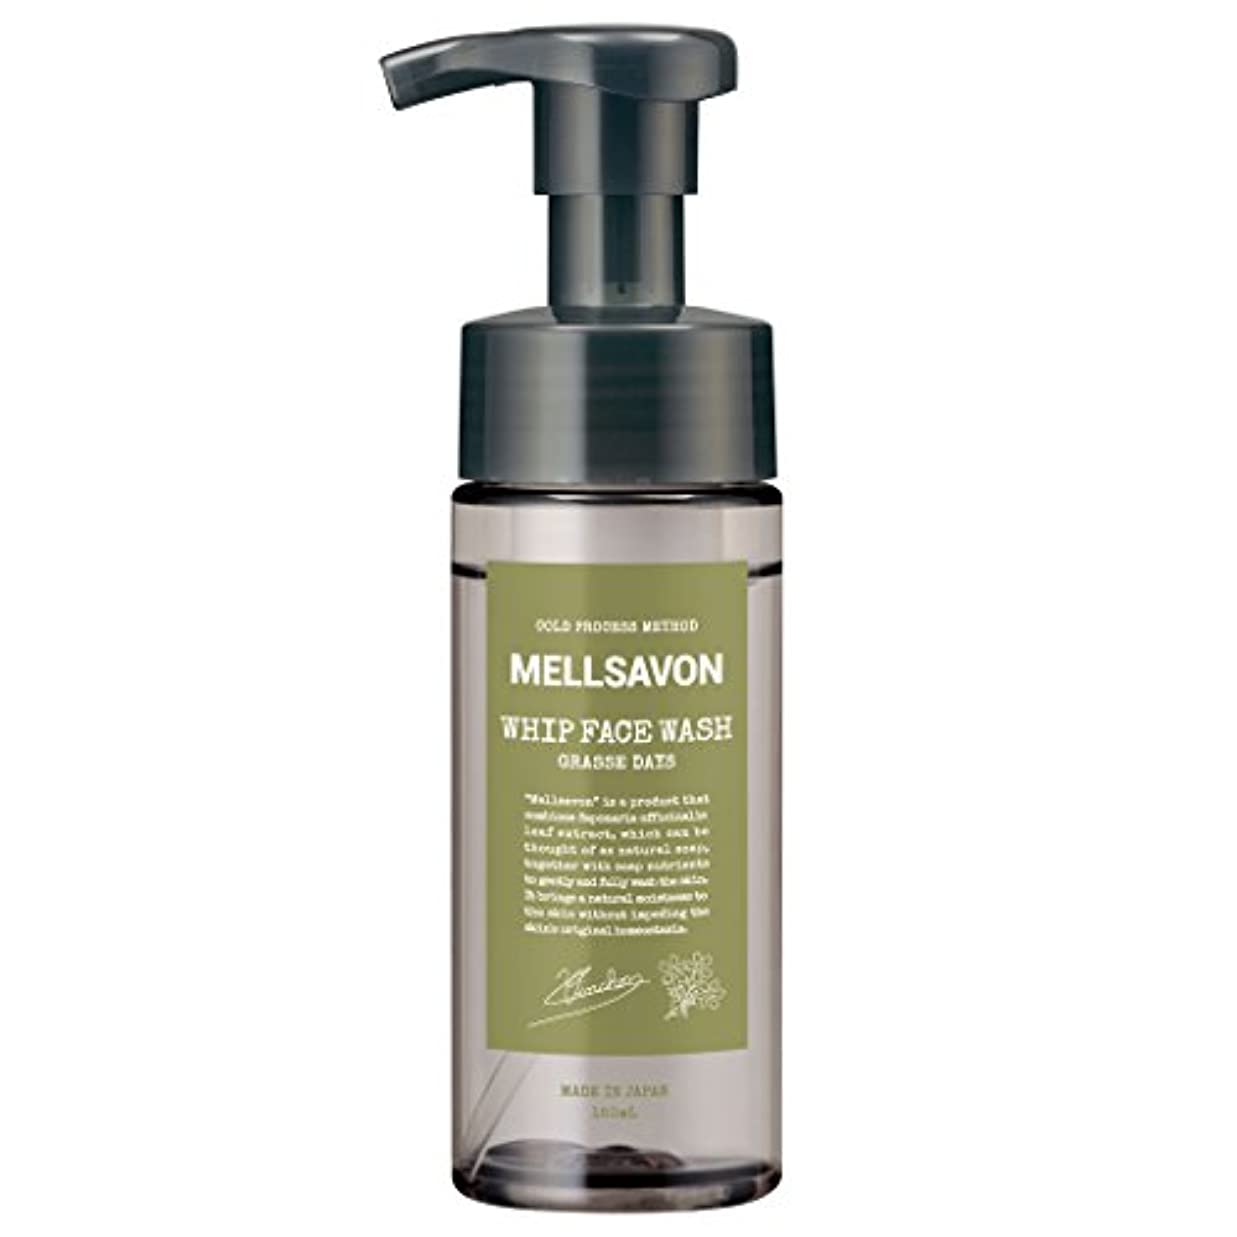 不運季節誰もMellsavon(メルサボン) メルサボン ホイップフェイスウォッシュ グラースデイズ 150mL 洗顔